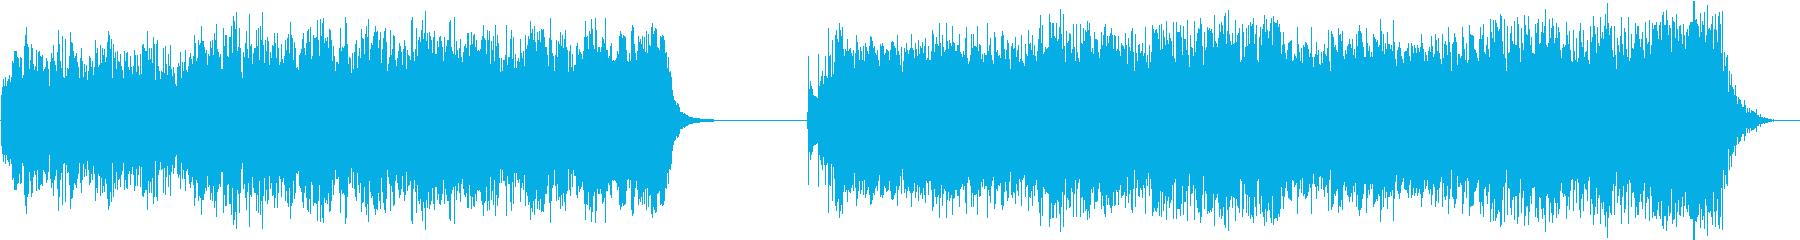 疾走感あふれるバトル系bgm 2の再生済みの波形